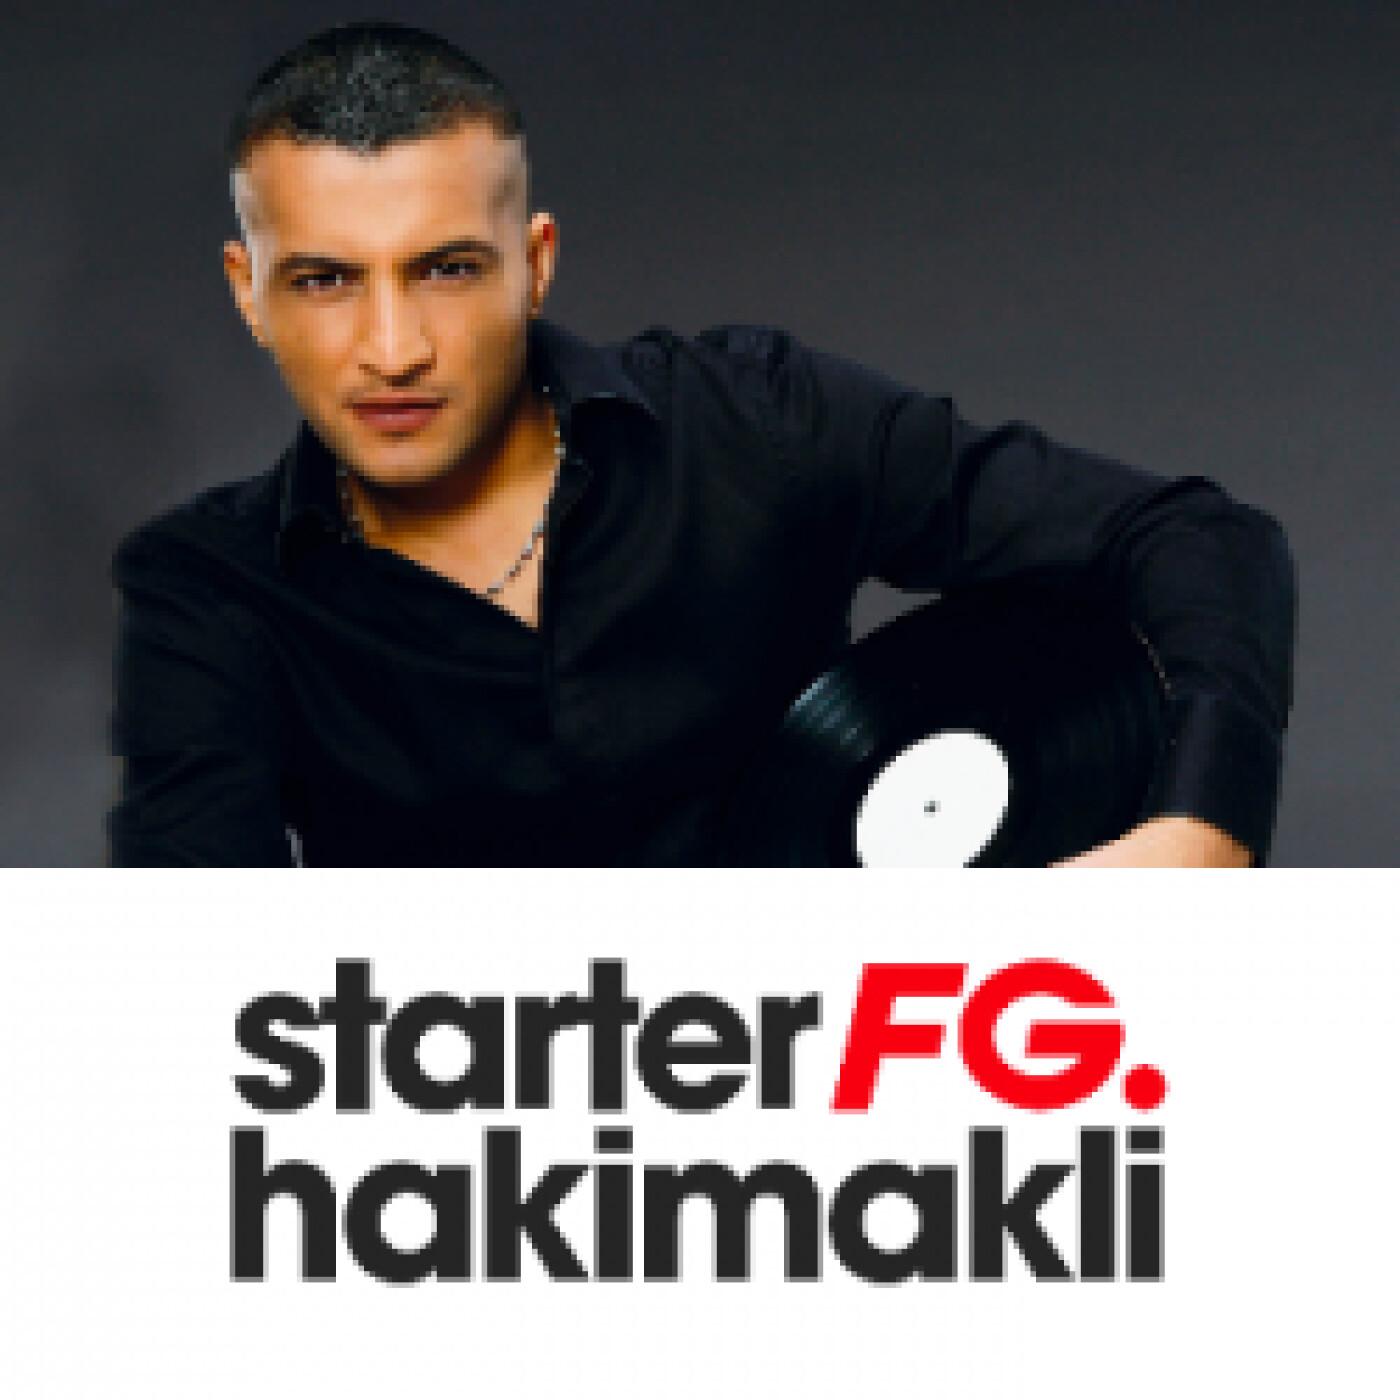 STARTER FG BY HAKIMAKLI LUNDI 24 MAI 2021